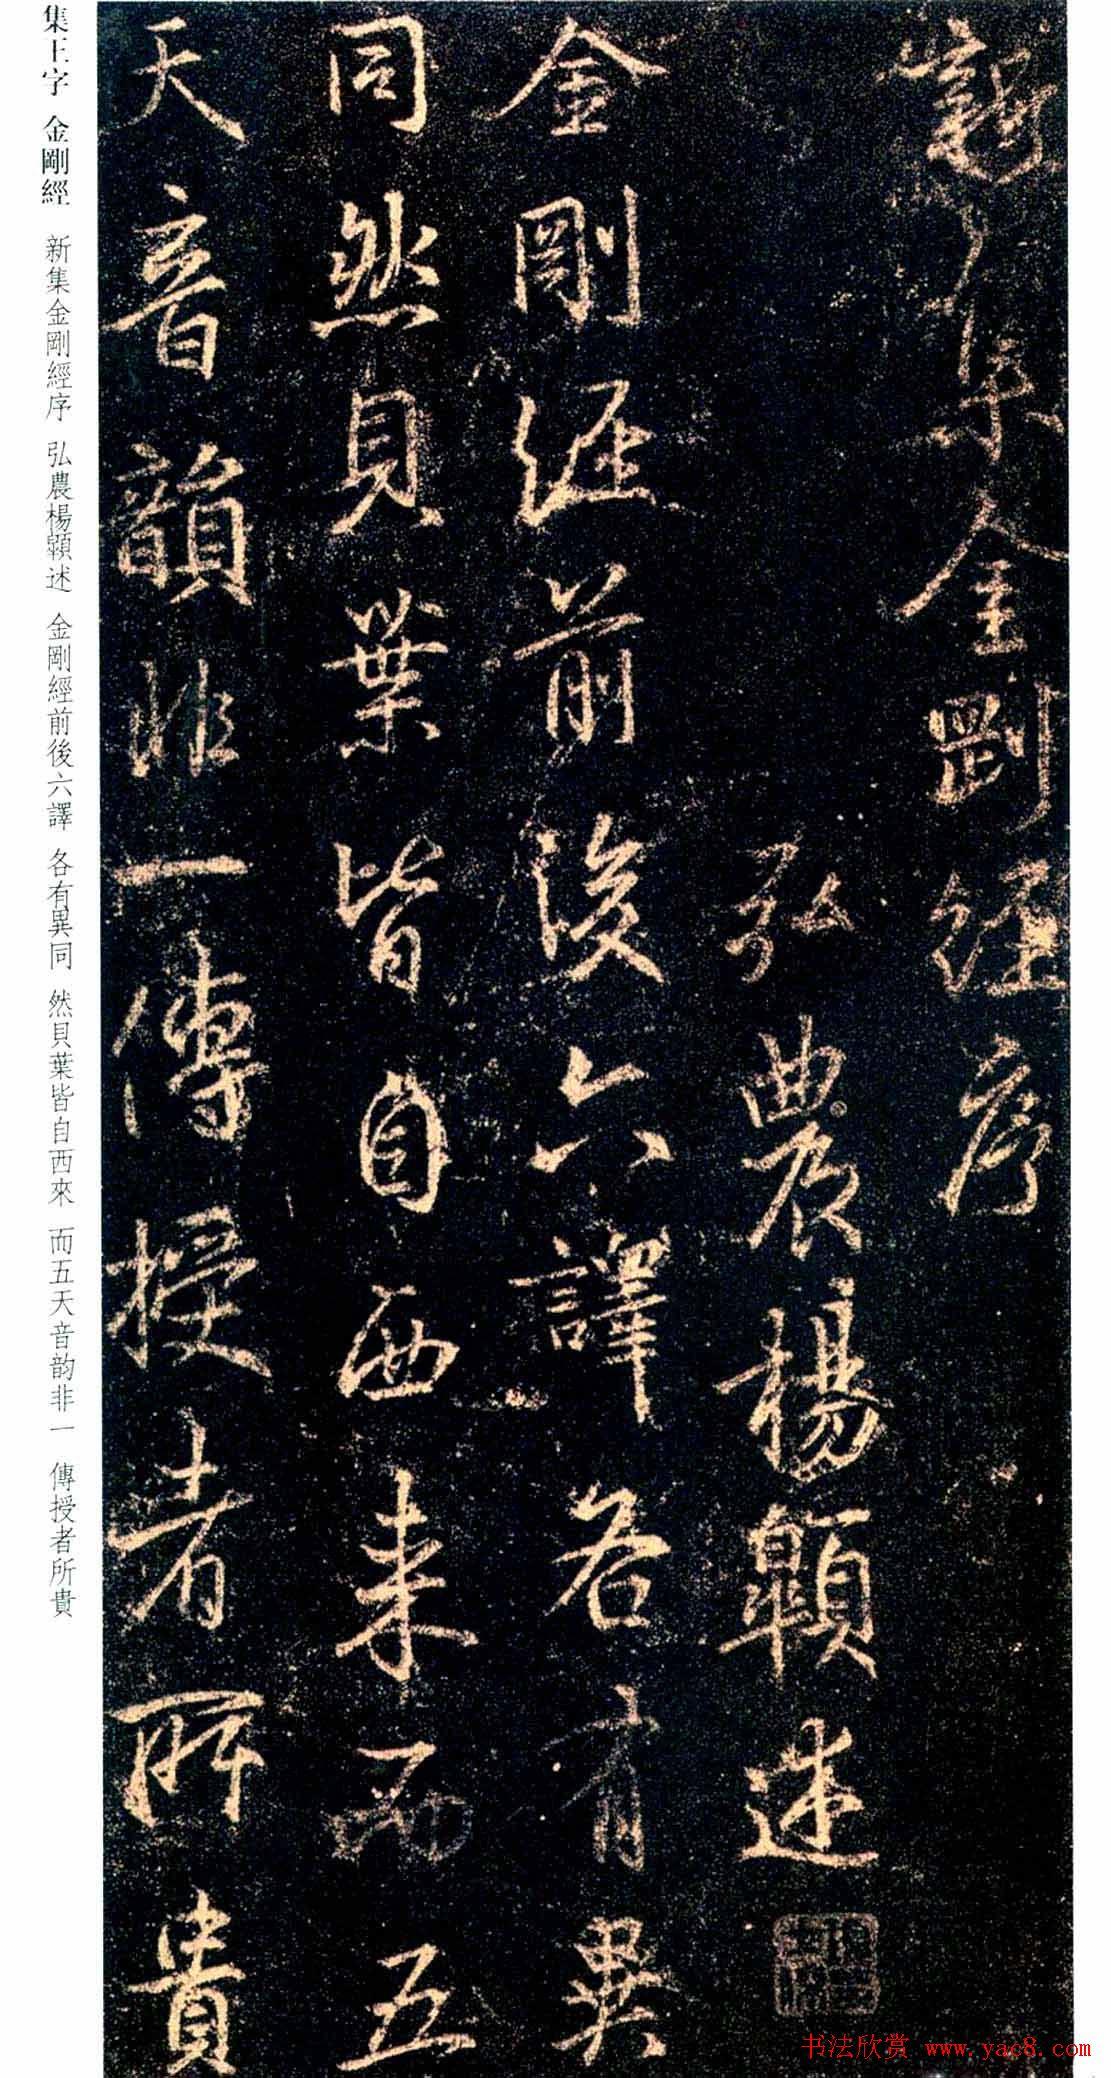 唐代行书碑刻《新集王羲之书金刚经》